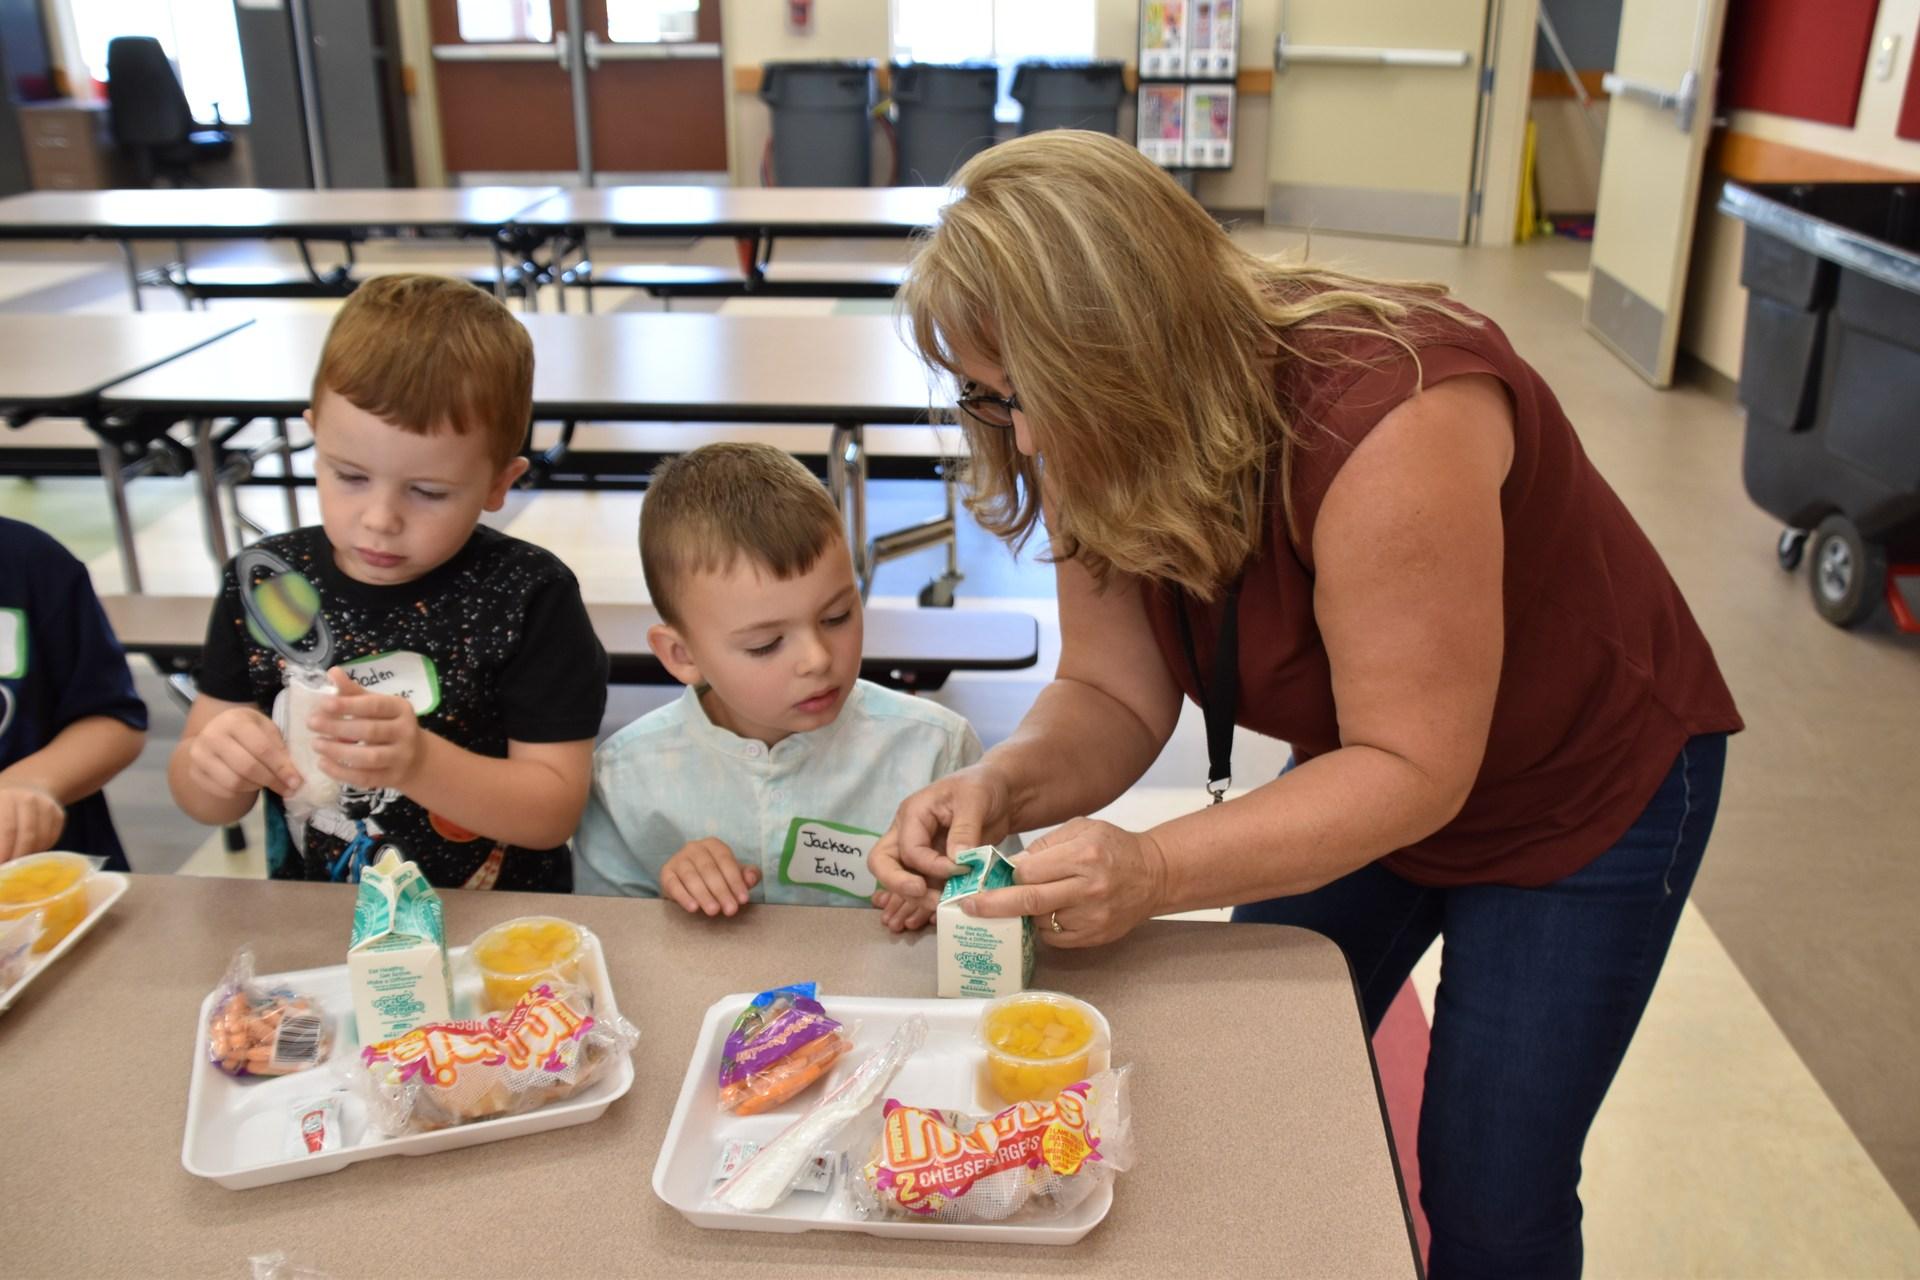 kindergarten students at orientation at lunch teacher